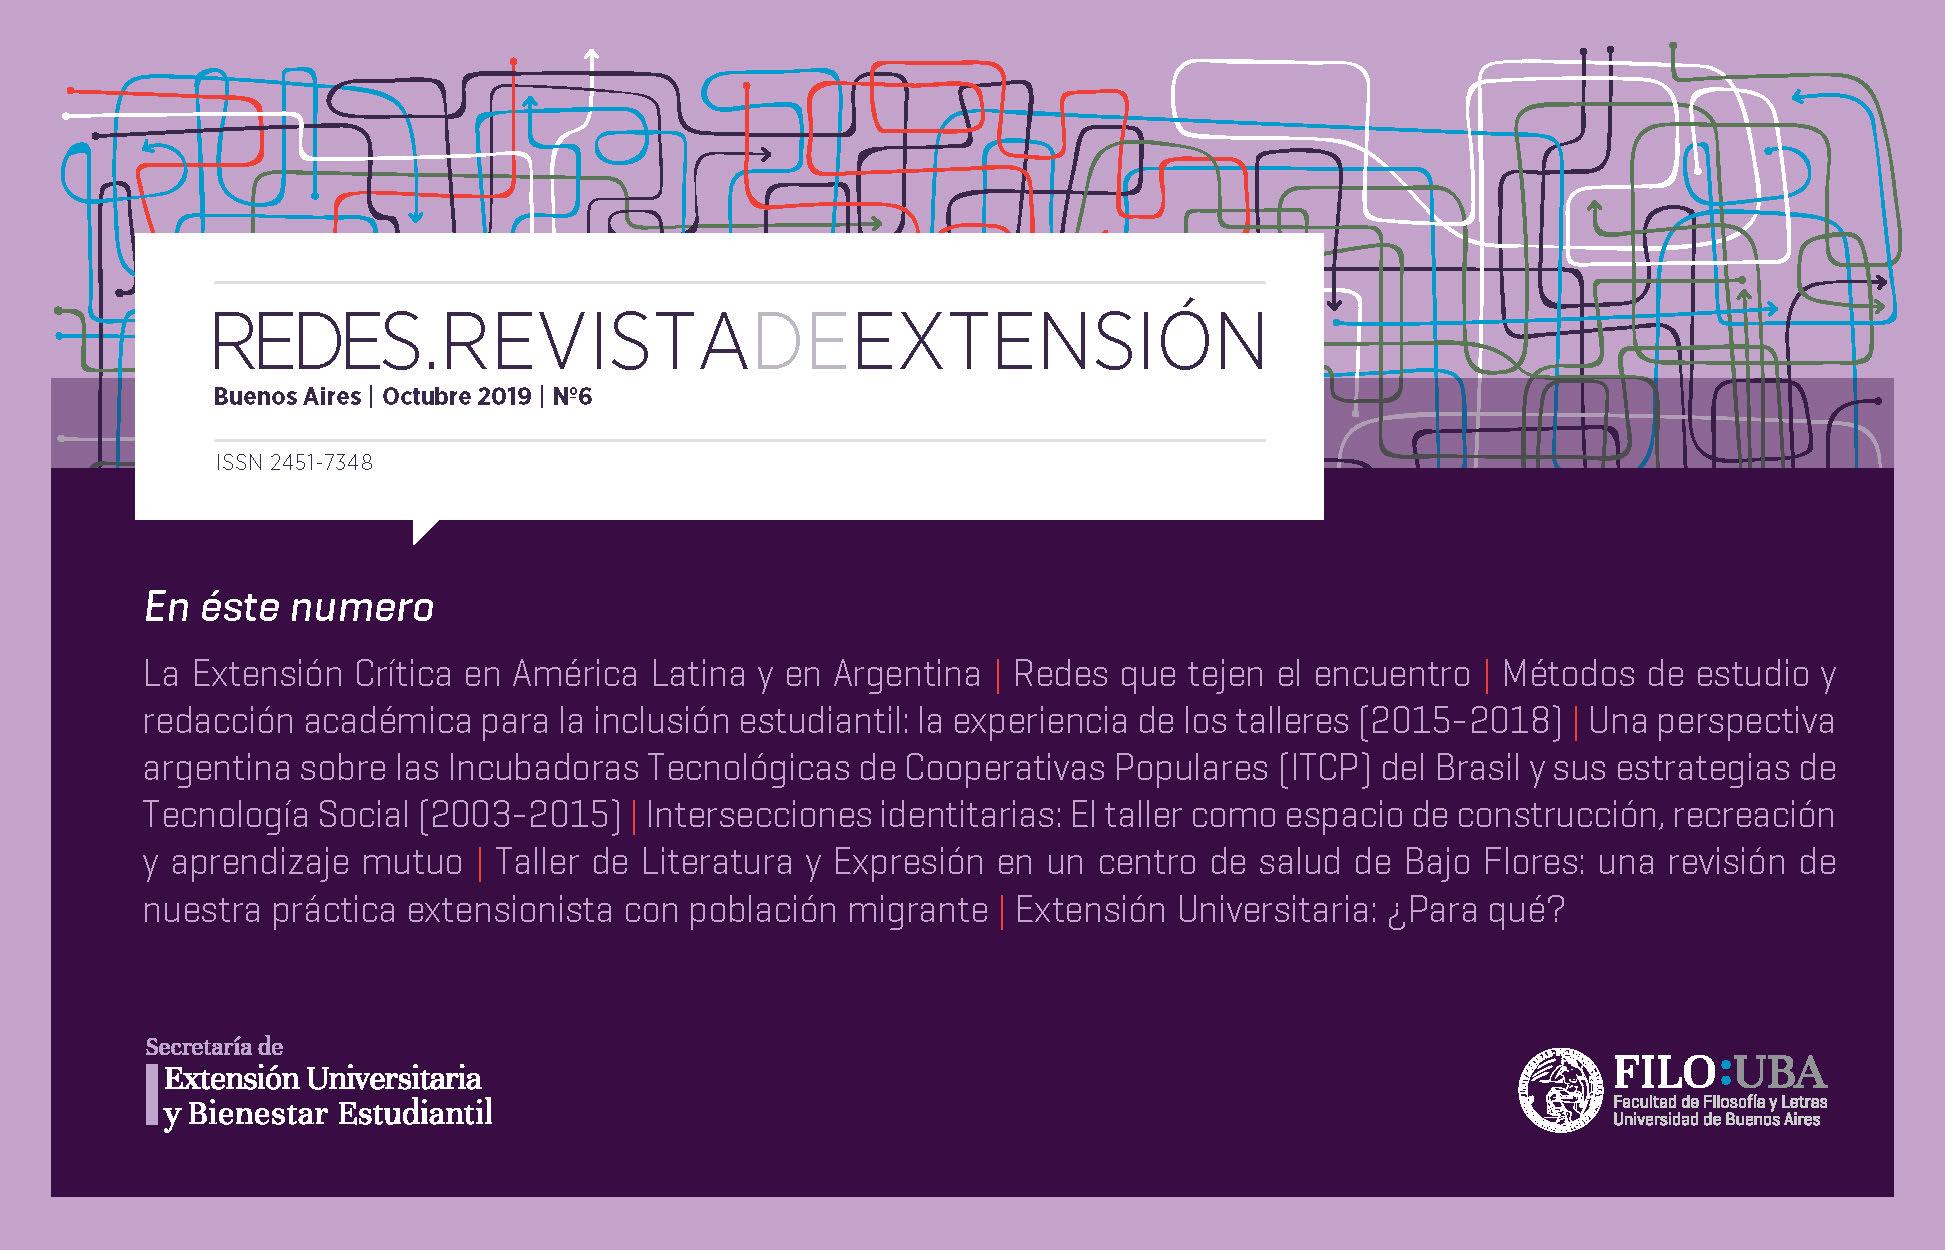 Portada de la Edición Número 6 de la Revista Redes de Extensión.